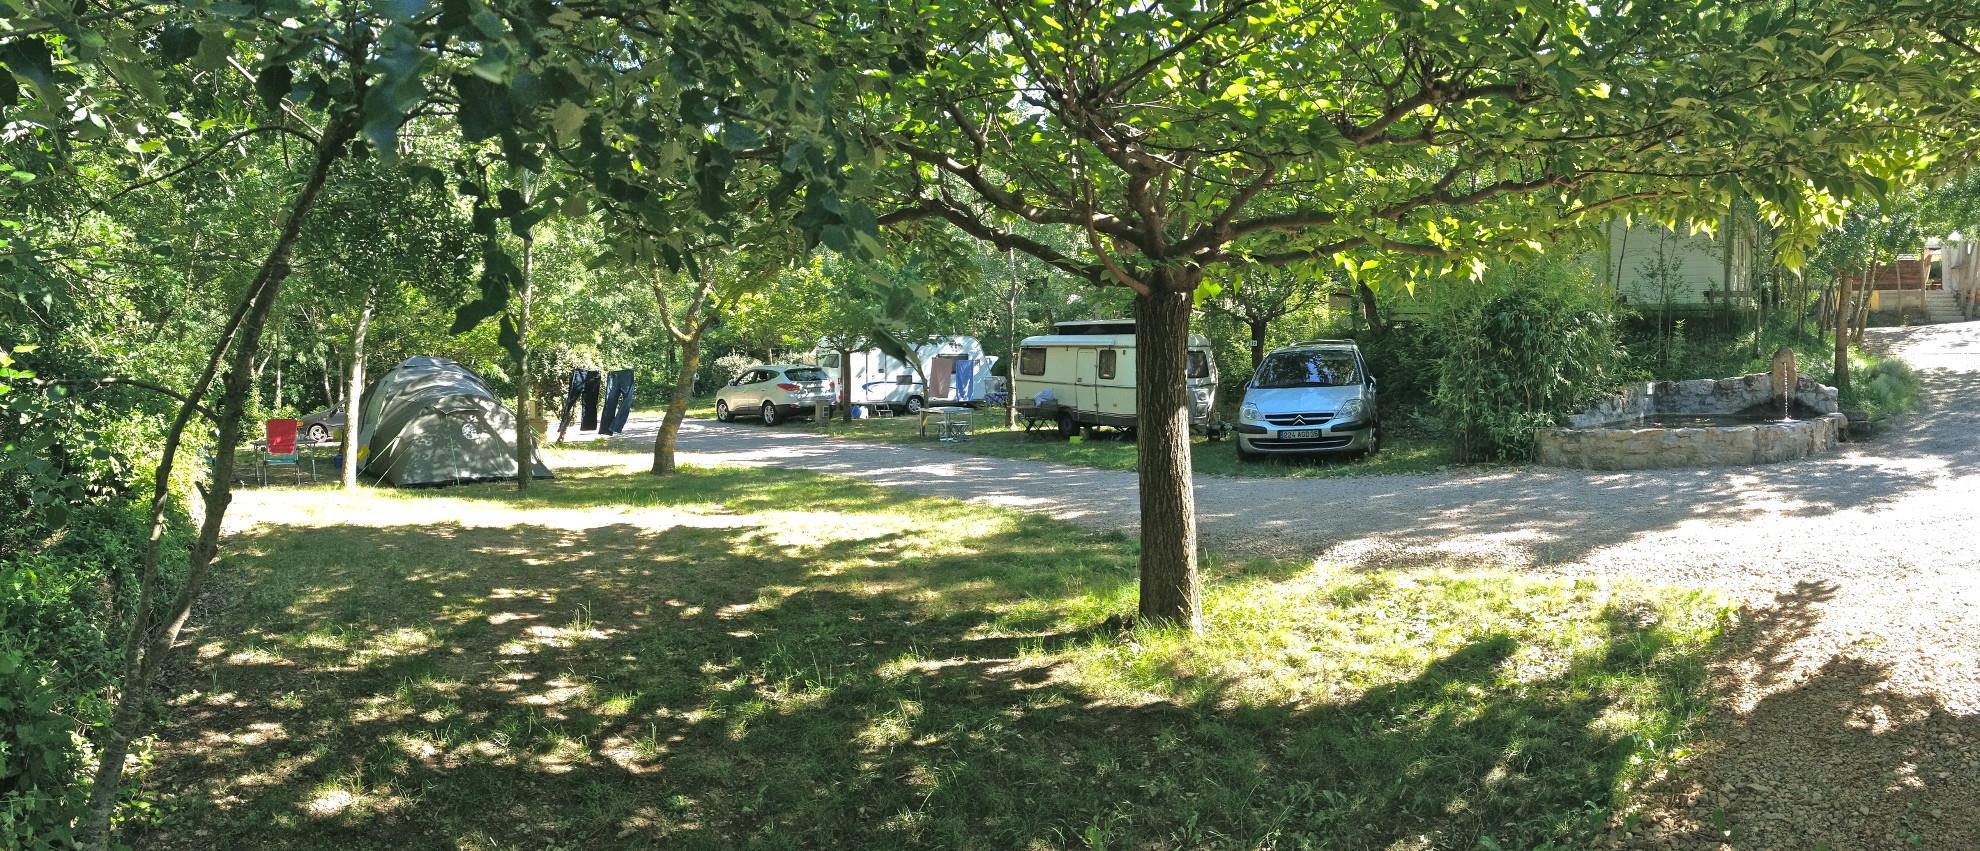 Camping les Sources, Soubes, Hérault